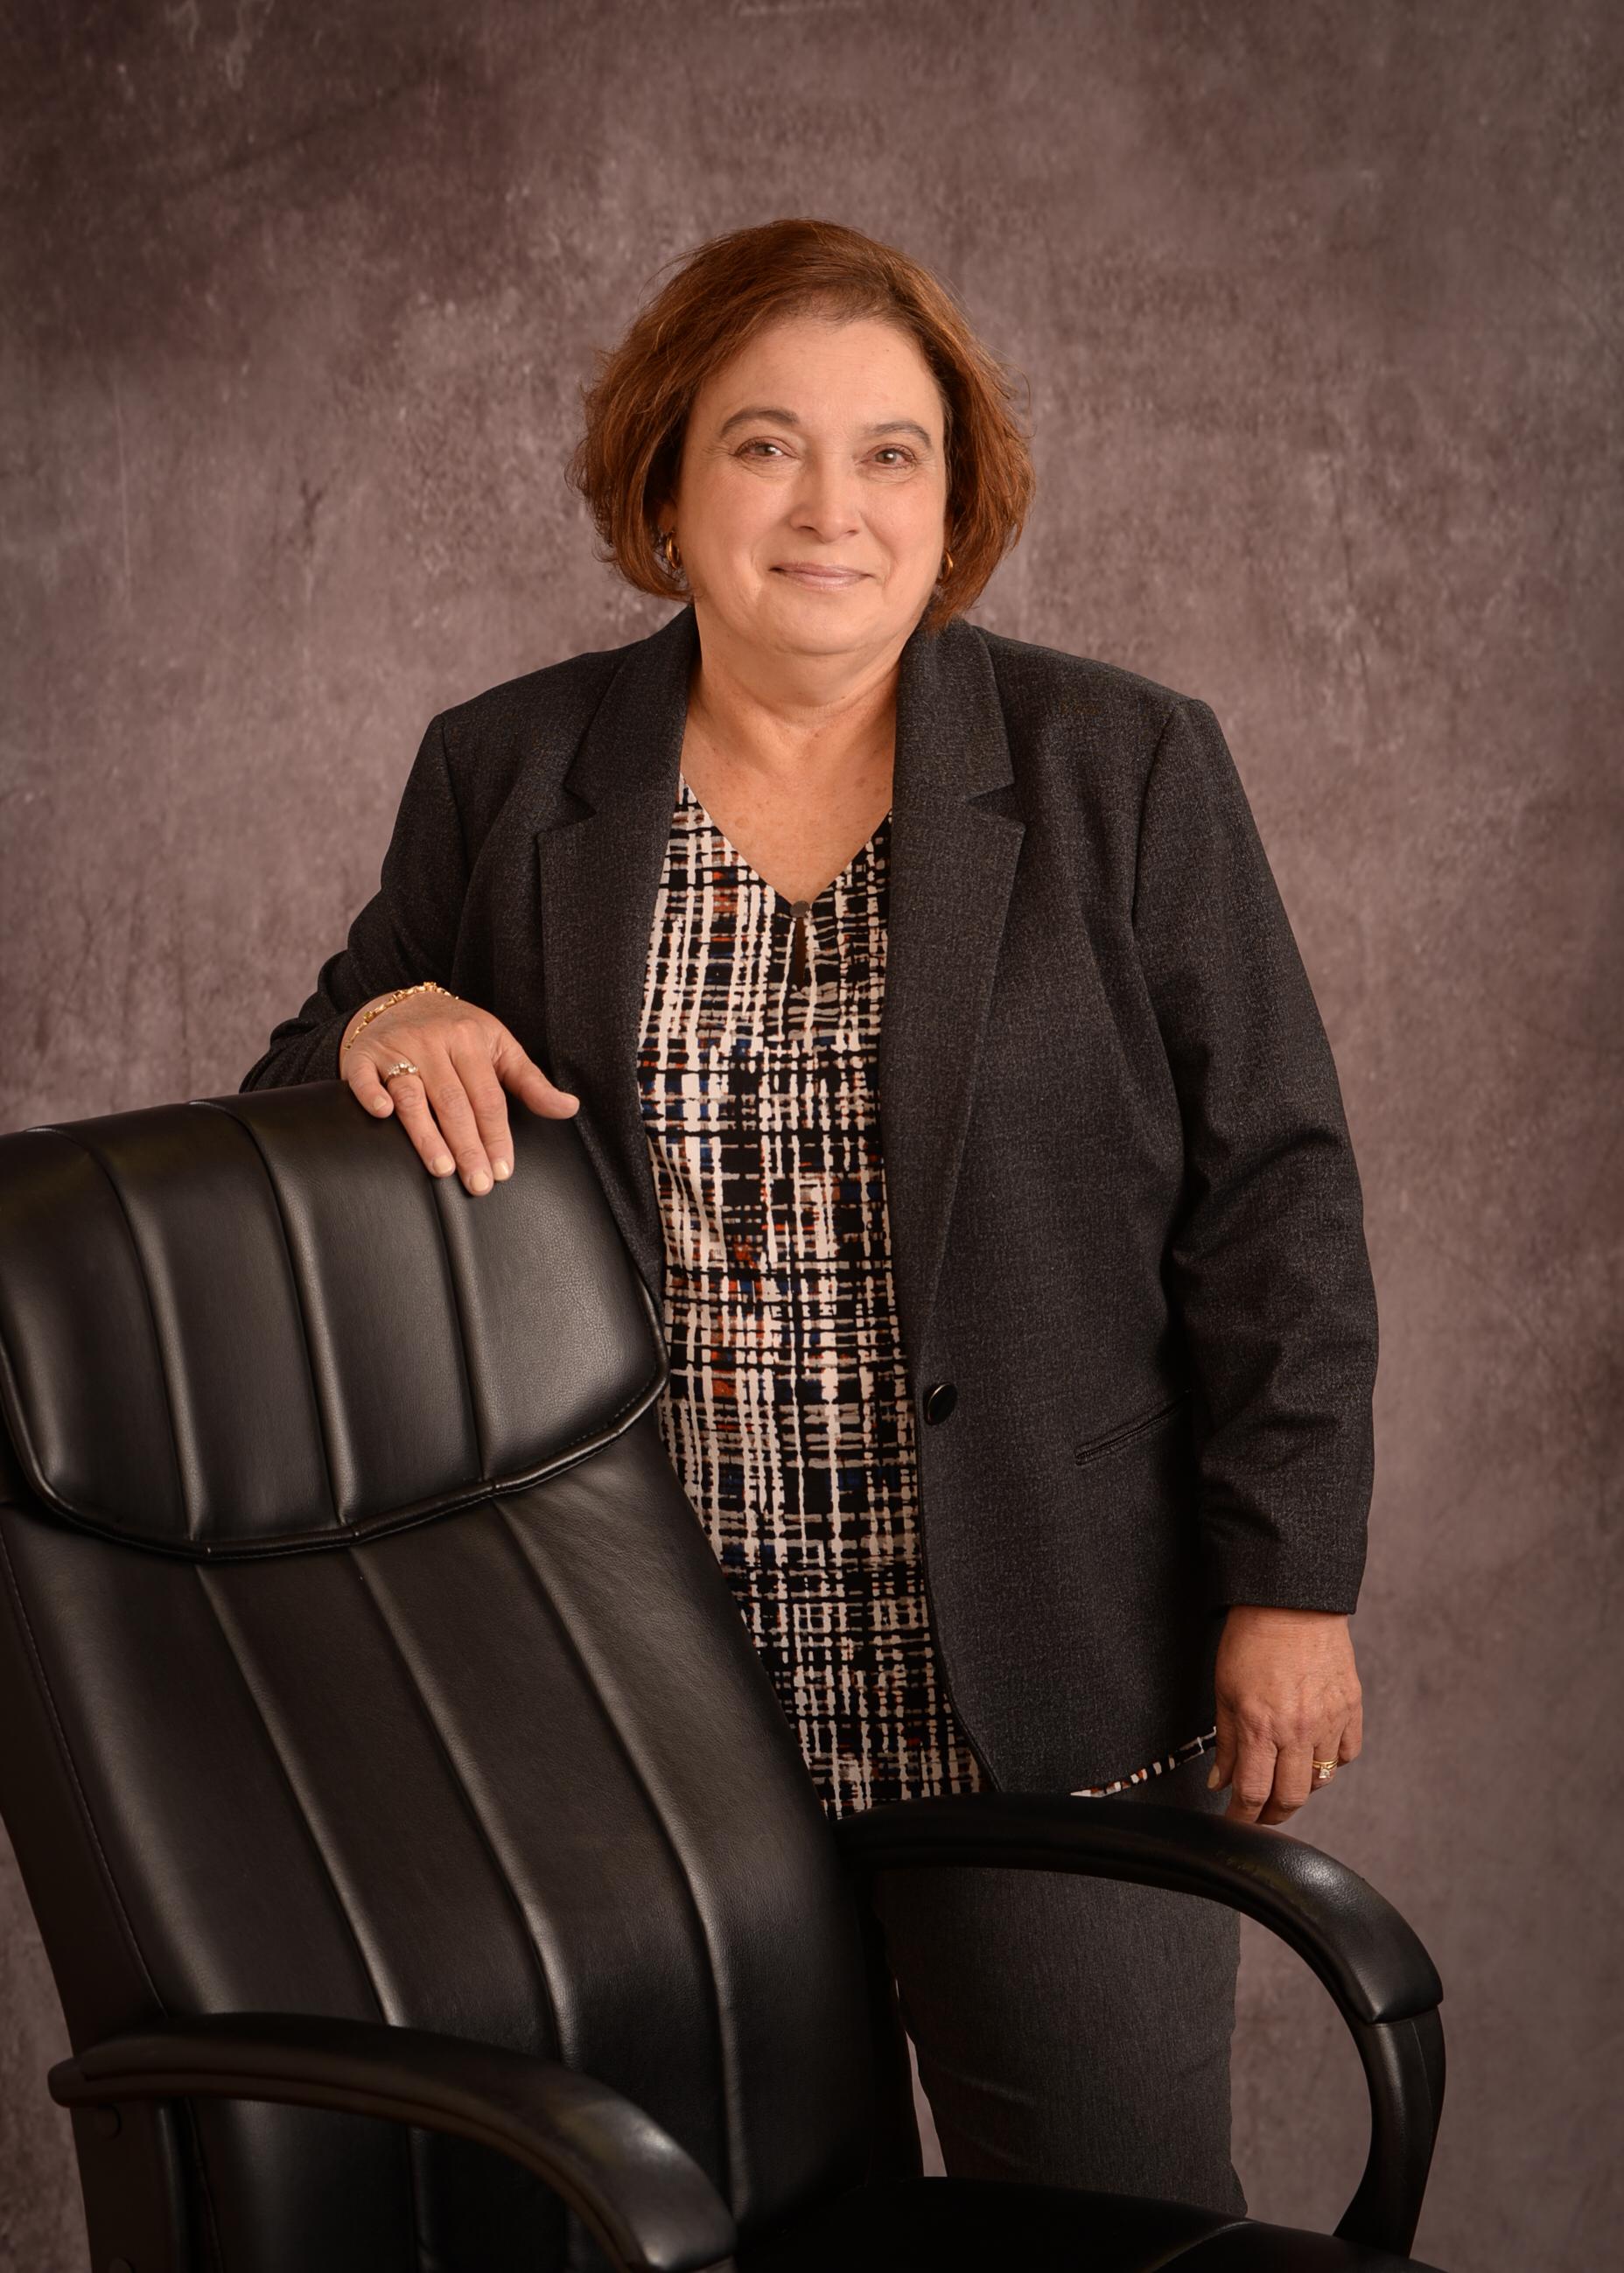 Cindy Blevins